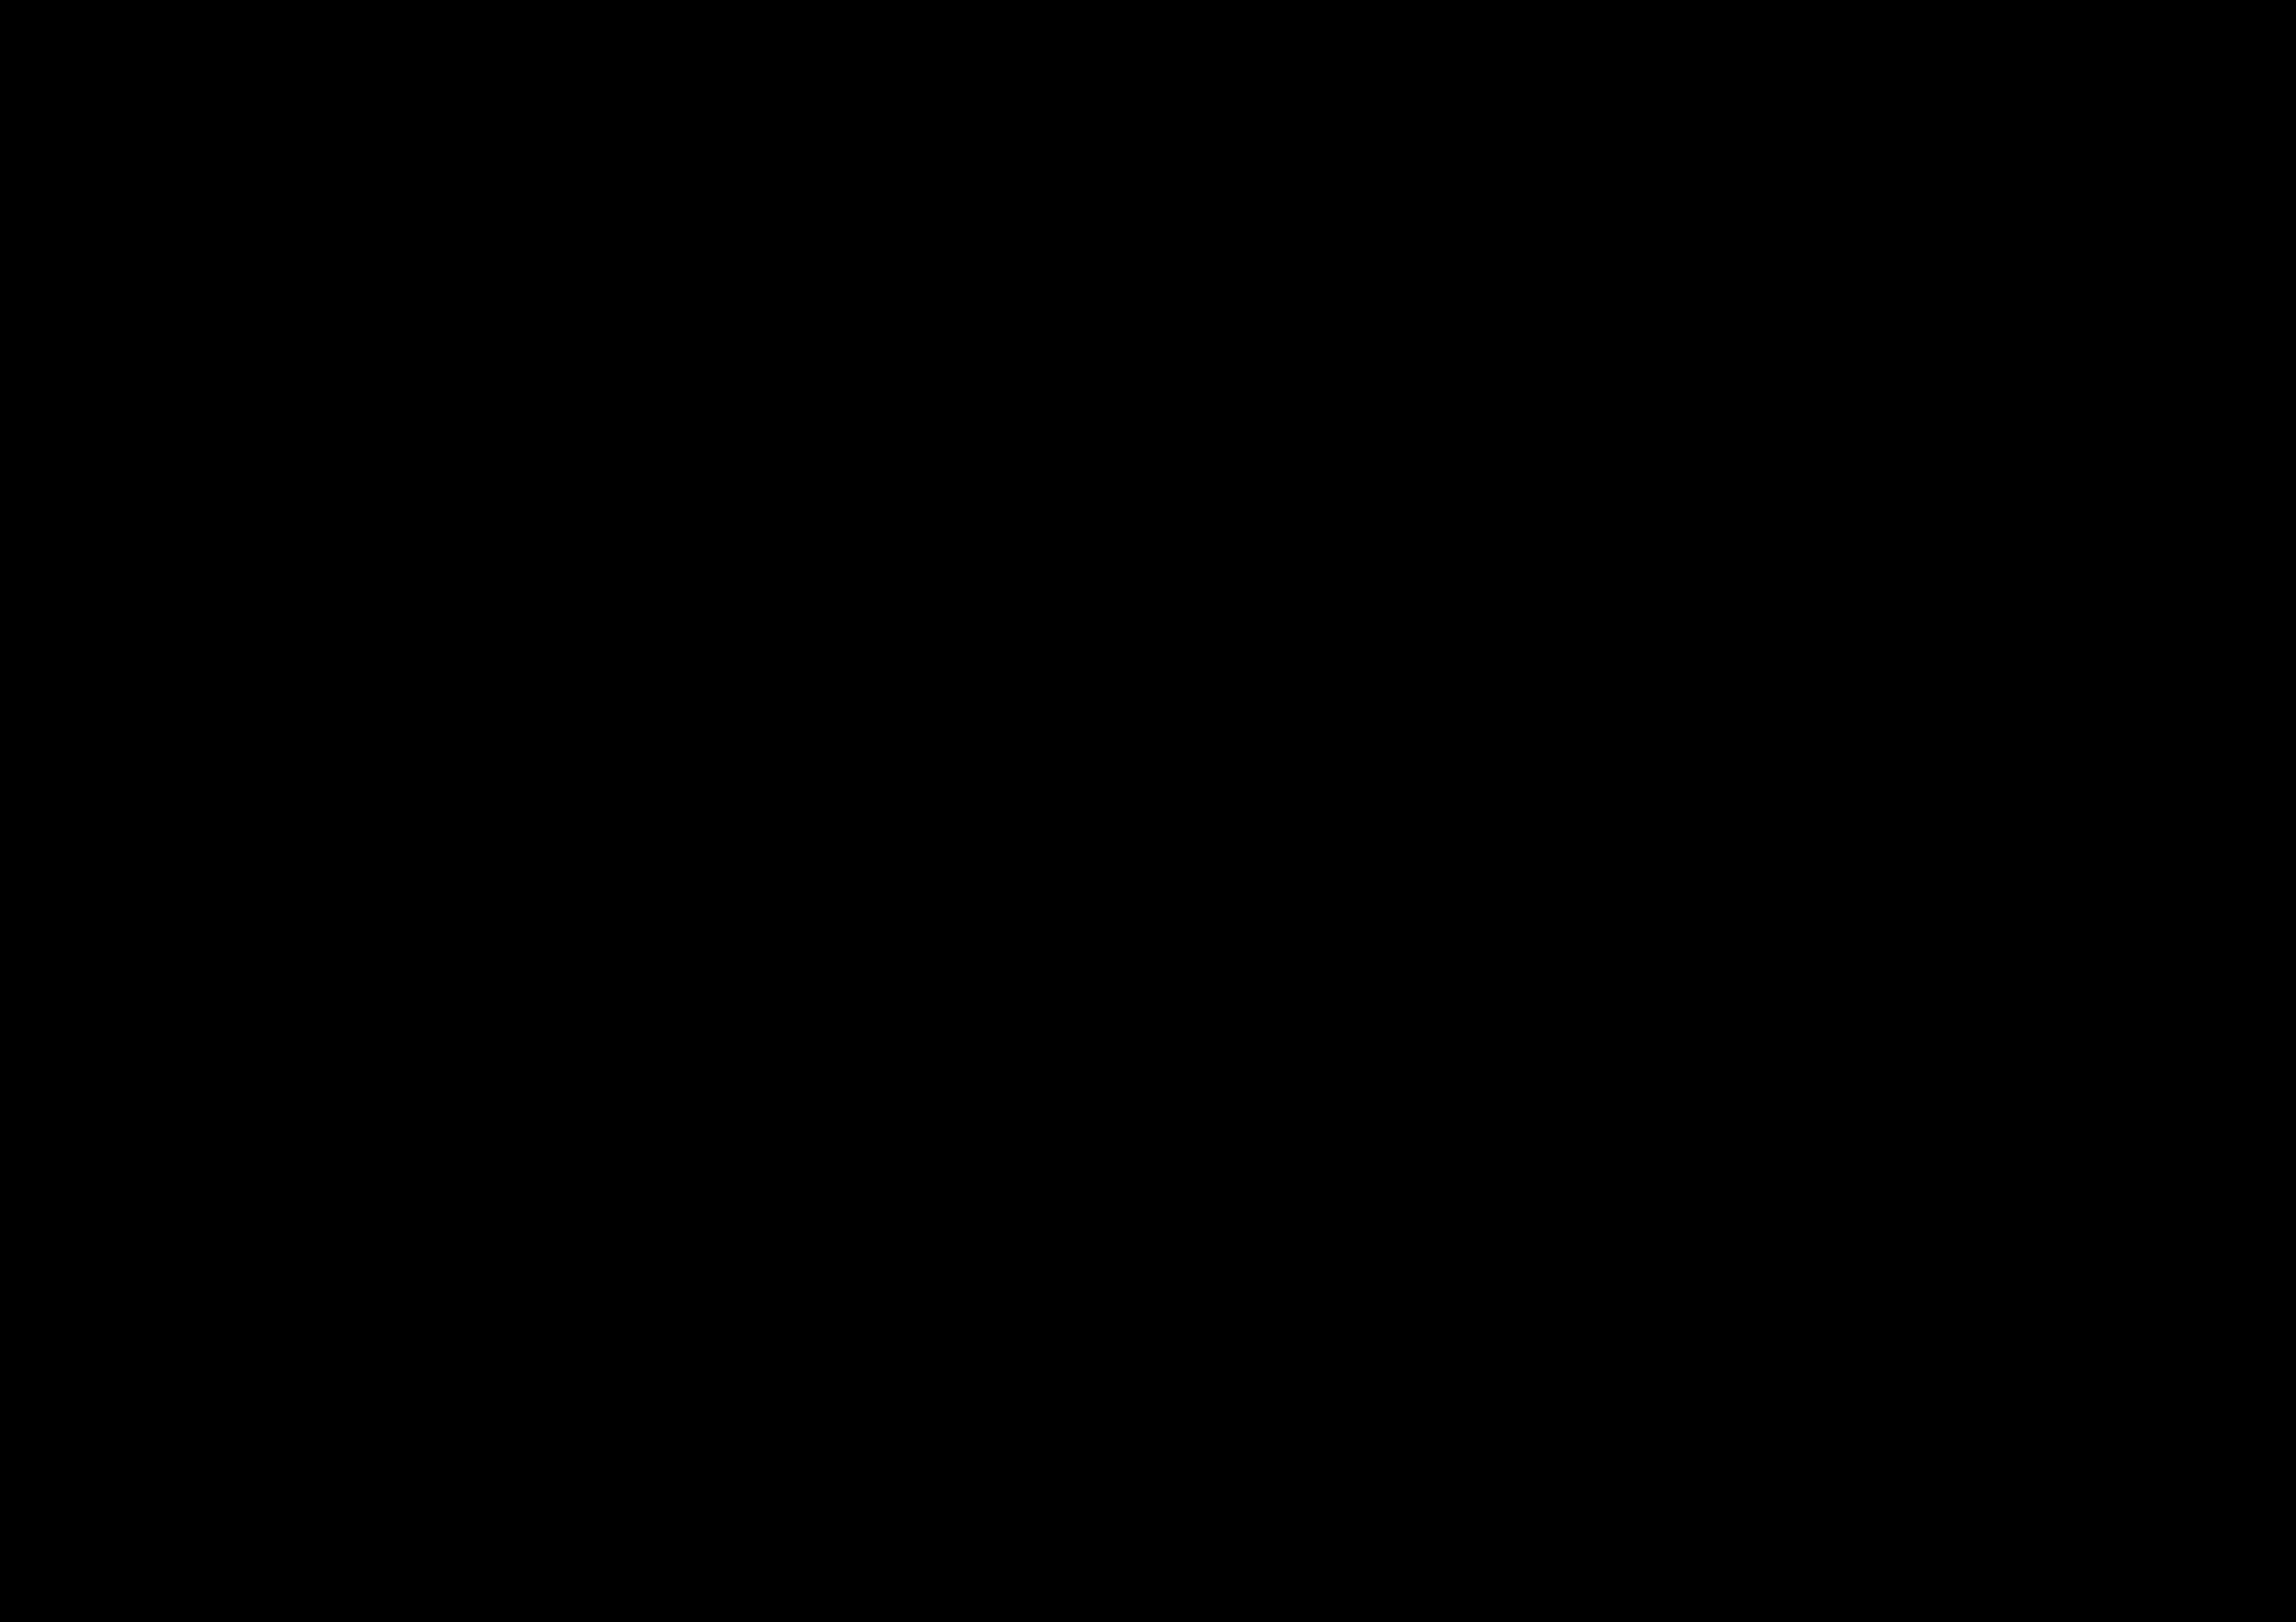 TWCo-logo-black-FFFH[5]